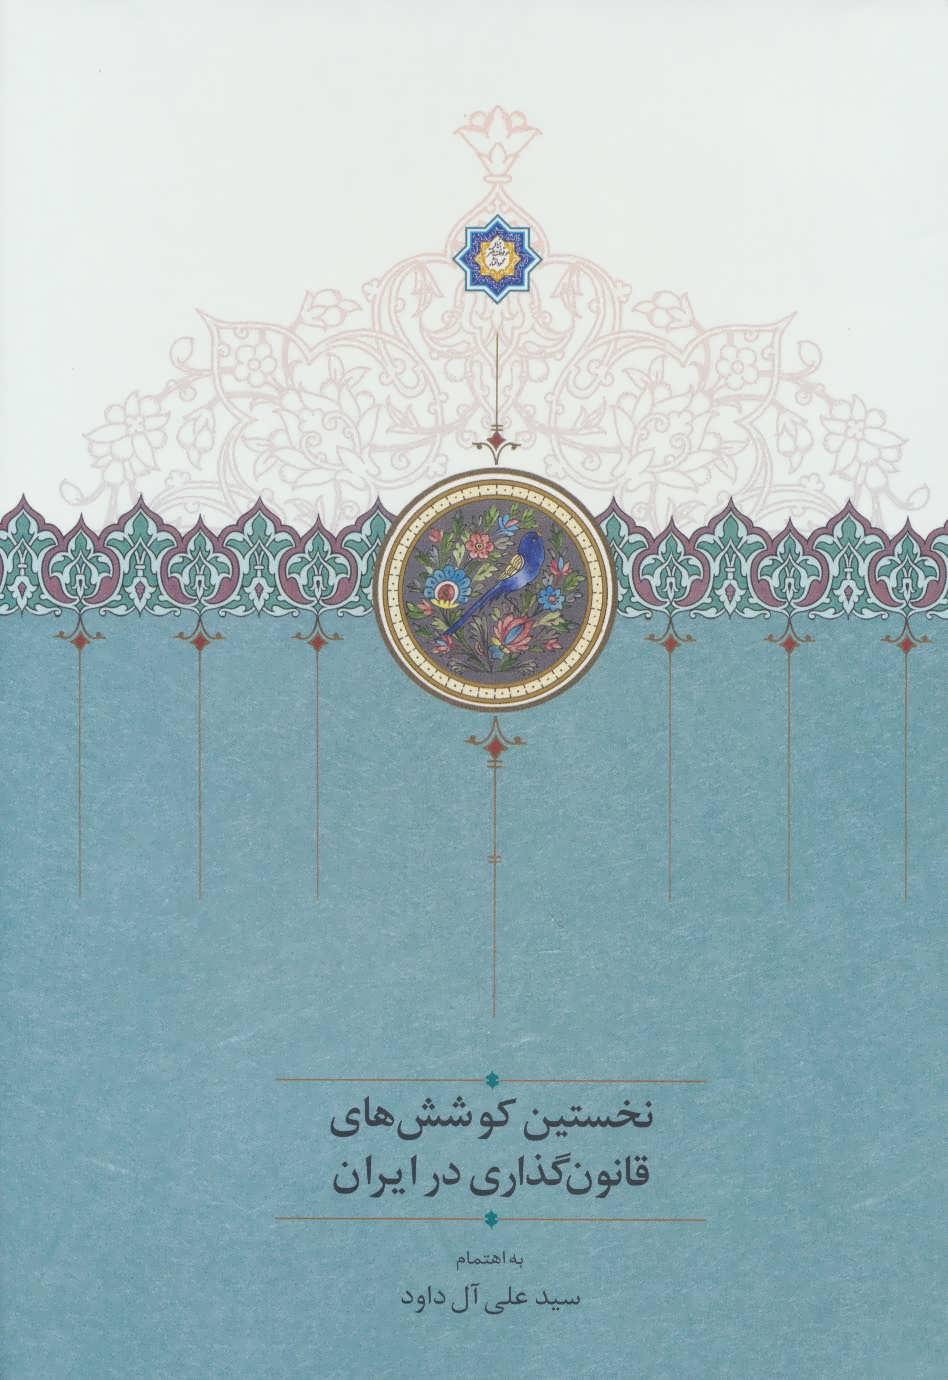 نخستین کوشش های قانون گذاری در ایران